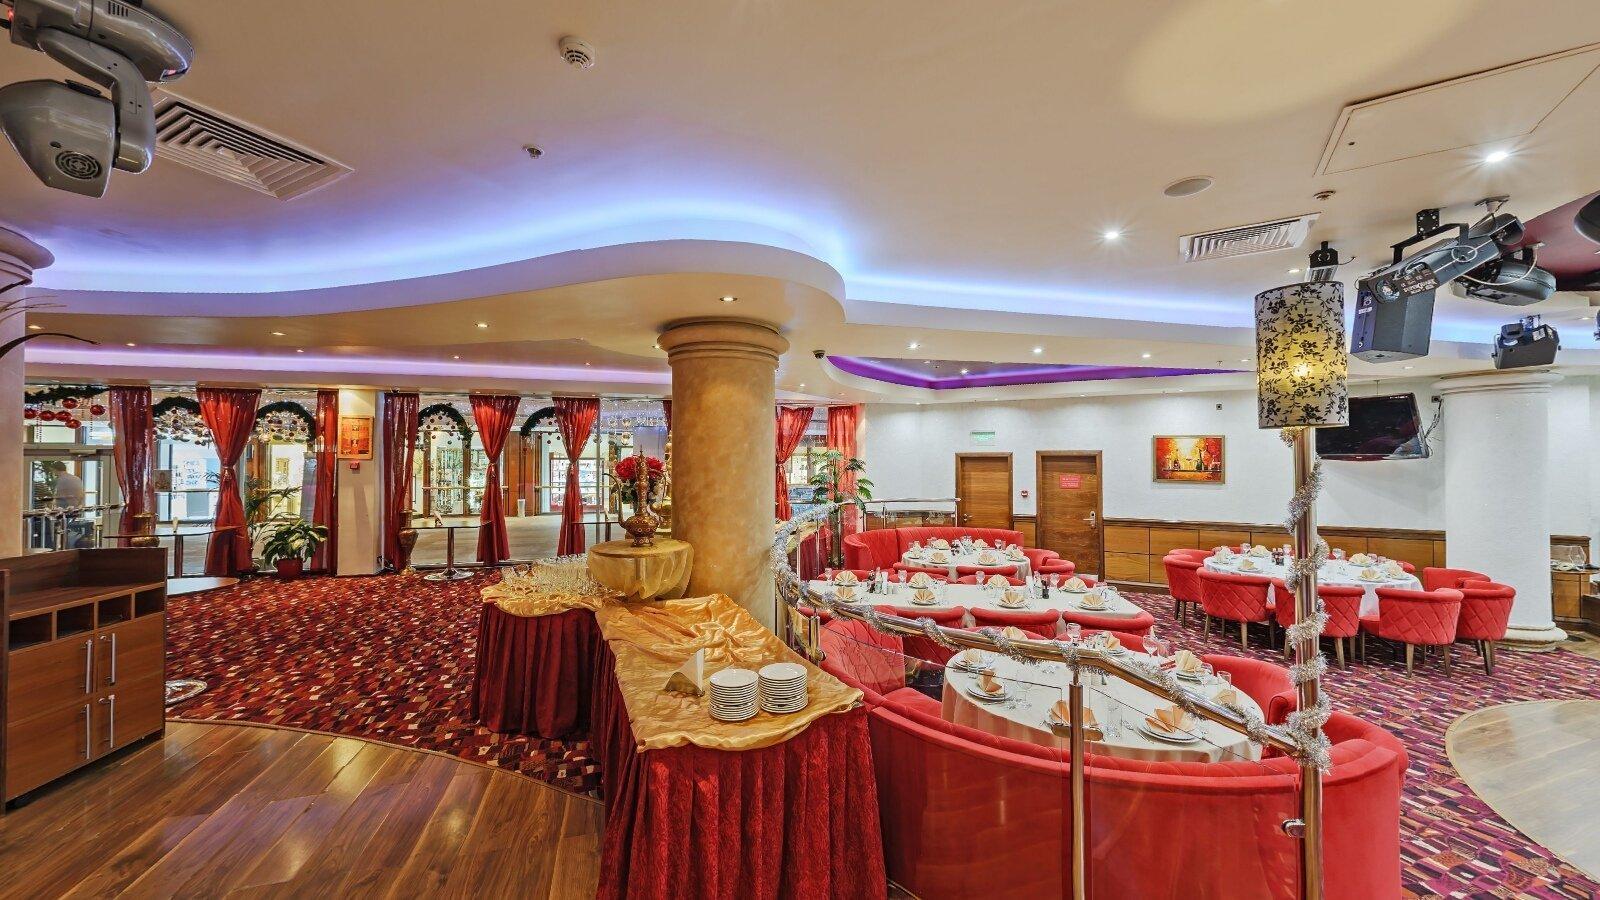 фотография Ресторана Fusion Plaza на Краснопресненской набережной